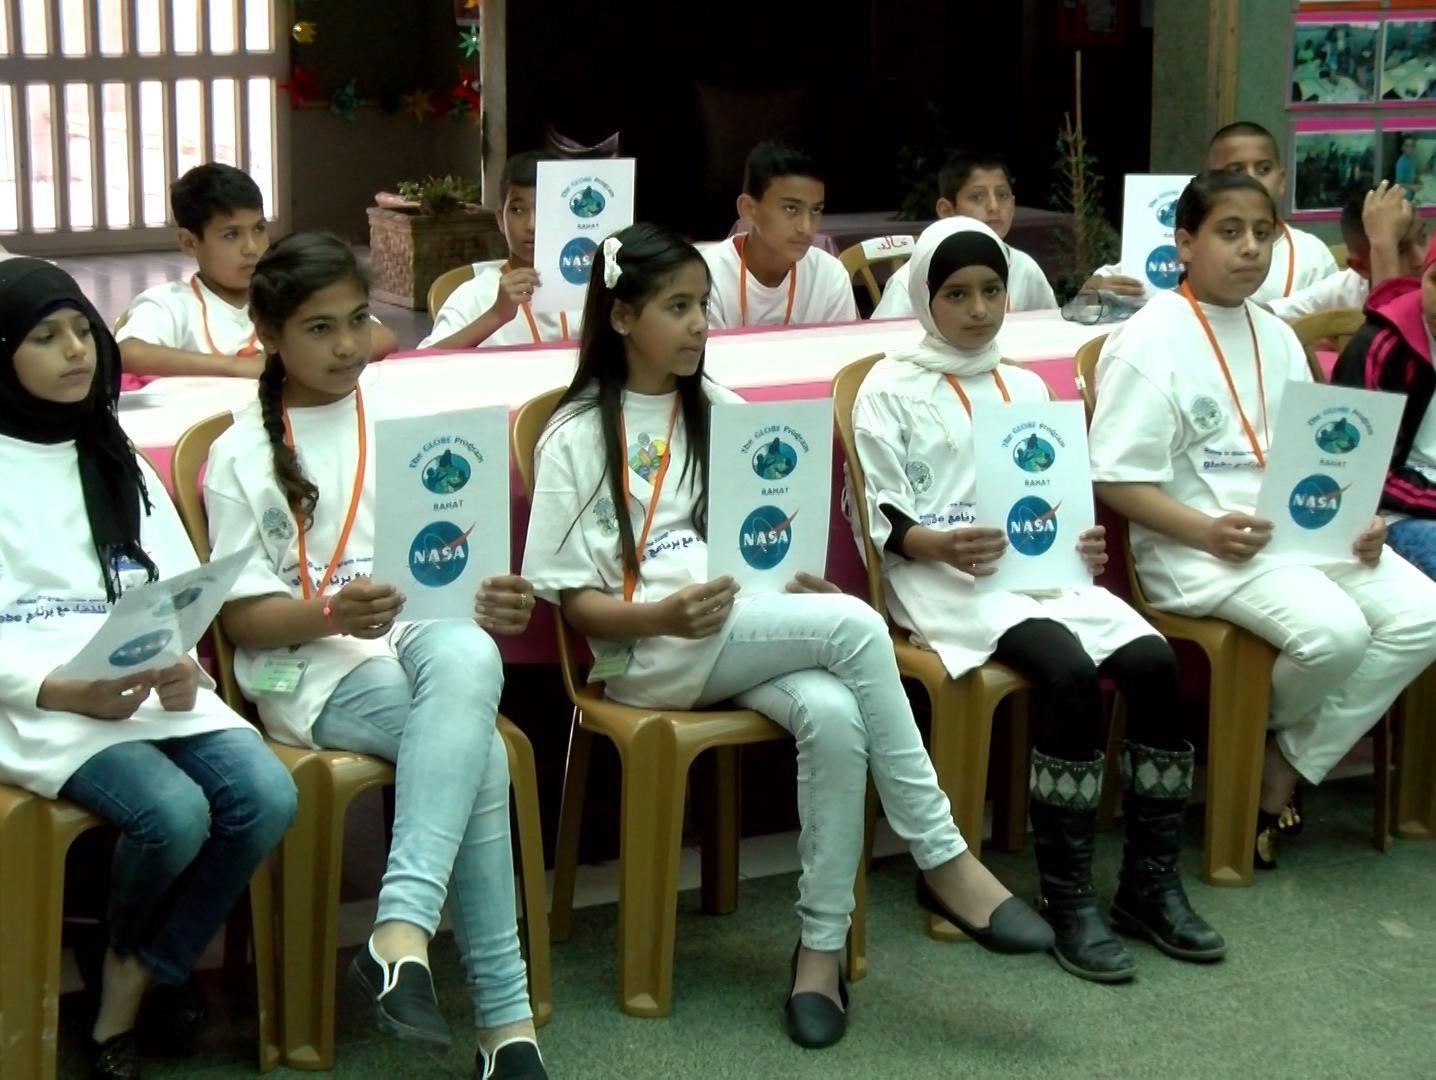 דור המדענים הבא: תלמידי רהט משתתפים במיזמי חינוך סביבתי ורובוטיקה